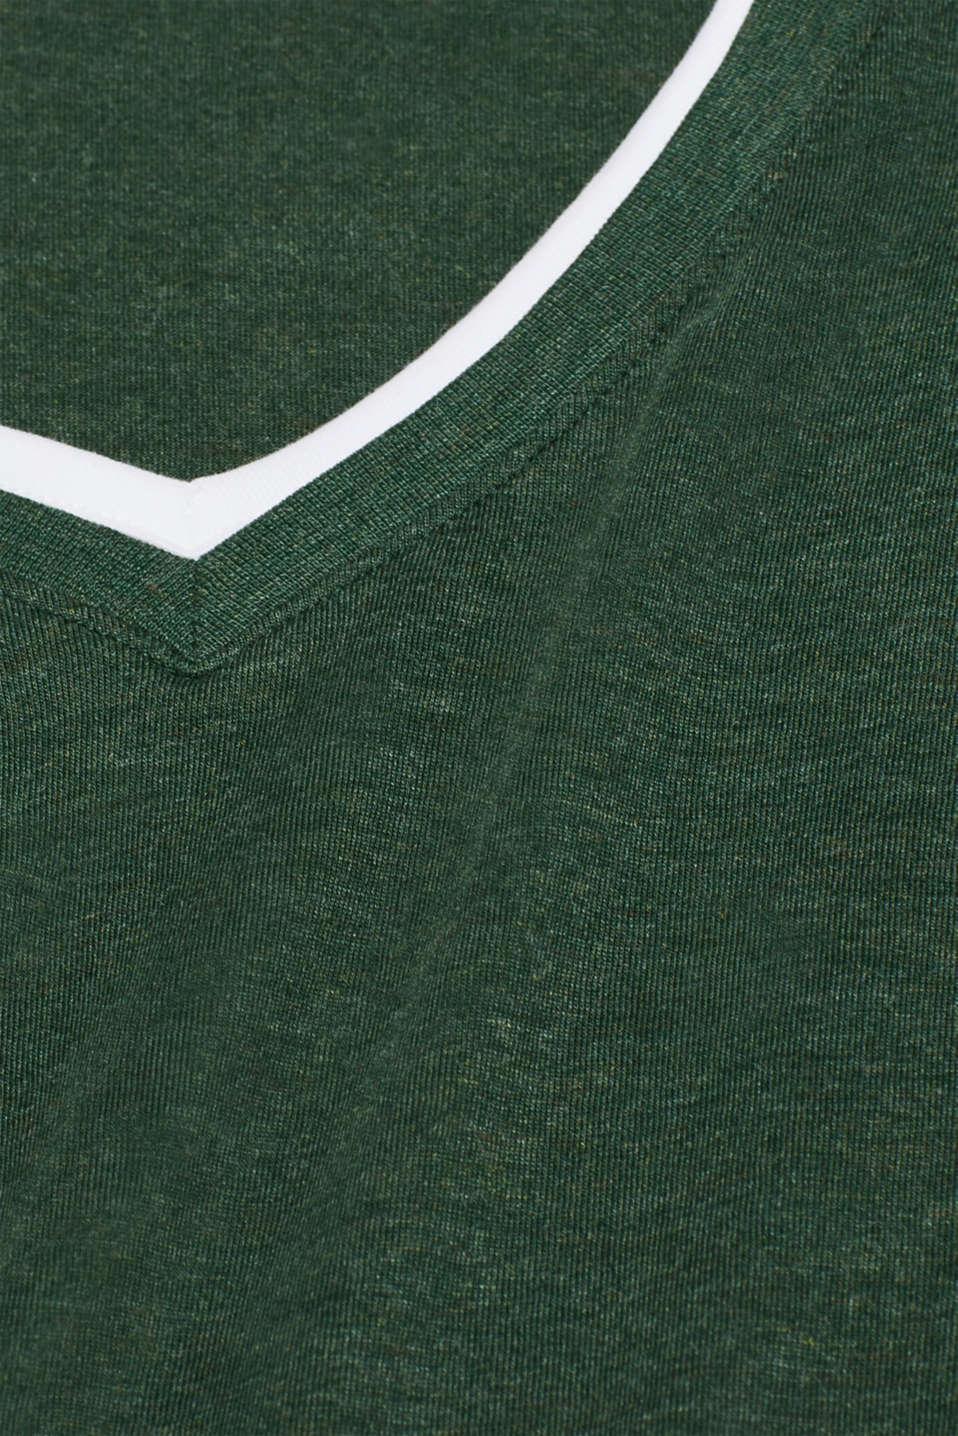 Layered jersey T-shirt, KHAKI GREEN, detail image number 5